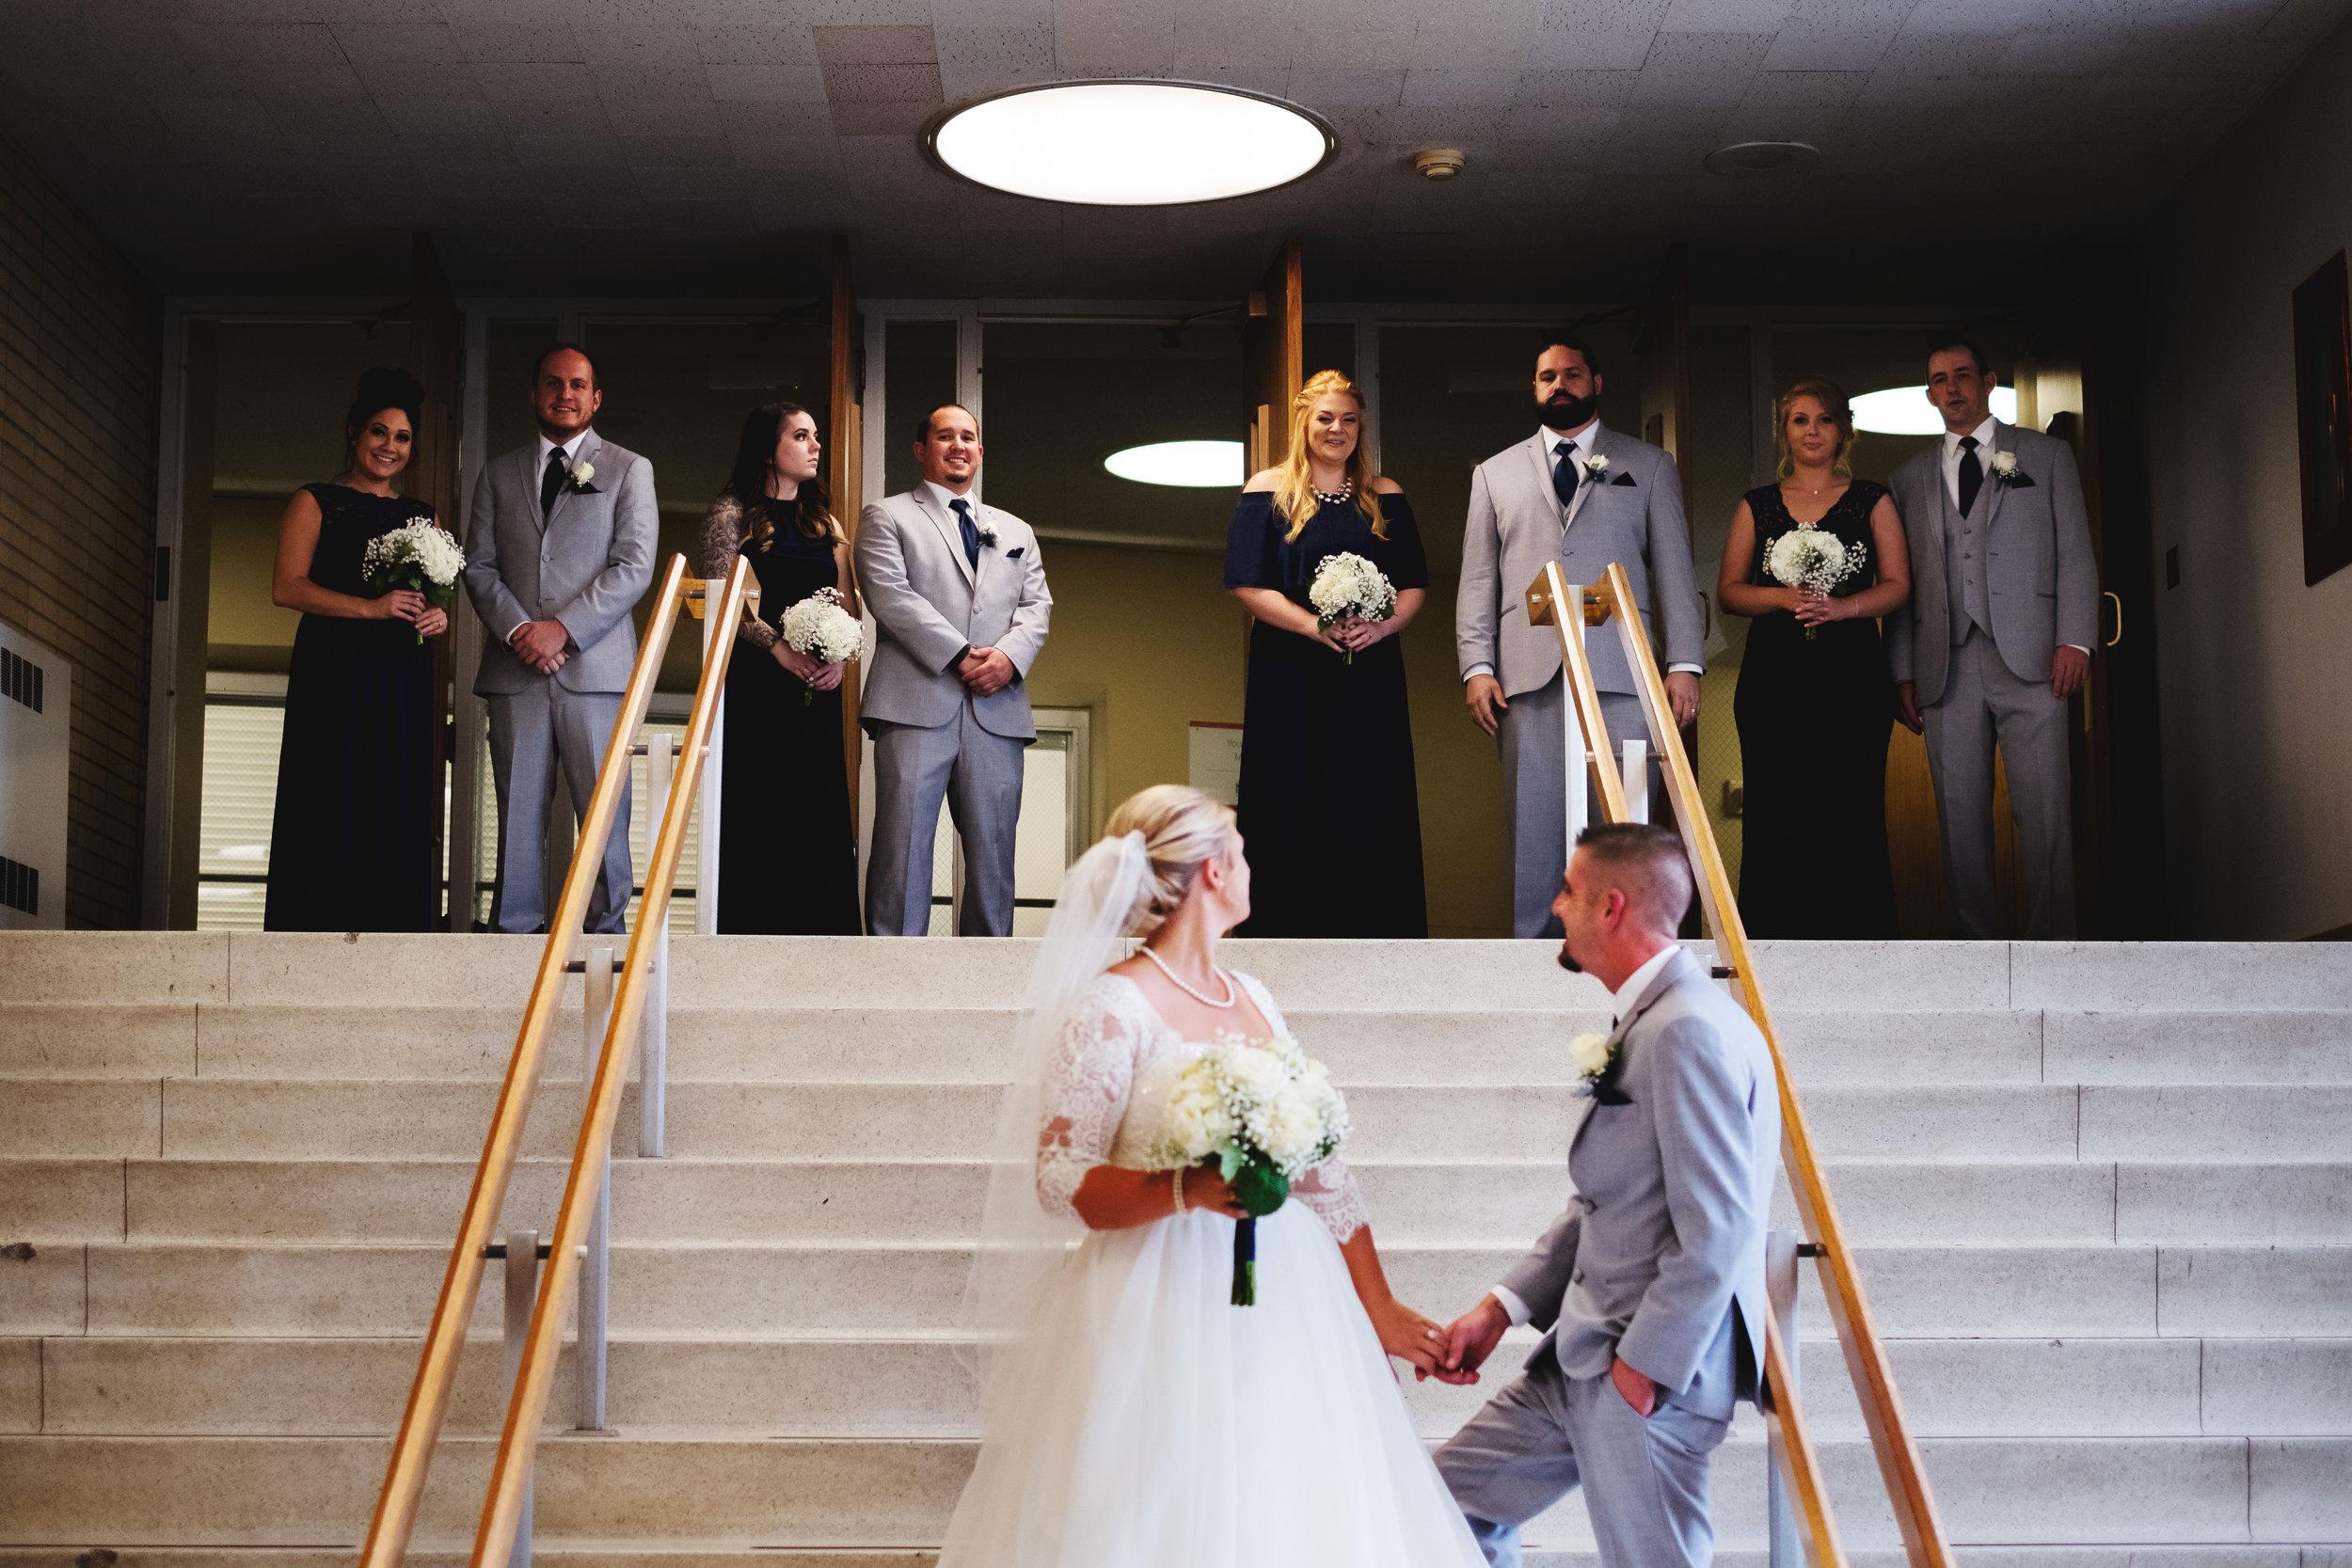 King-Northern-Illinois-University-Wedding038.jpg